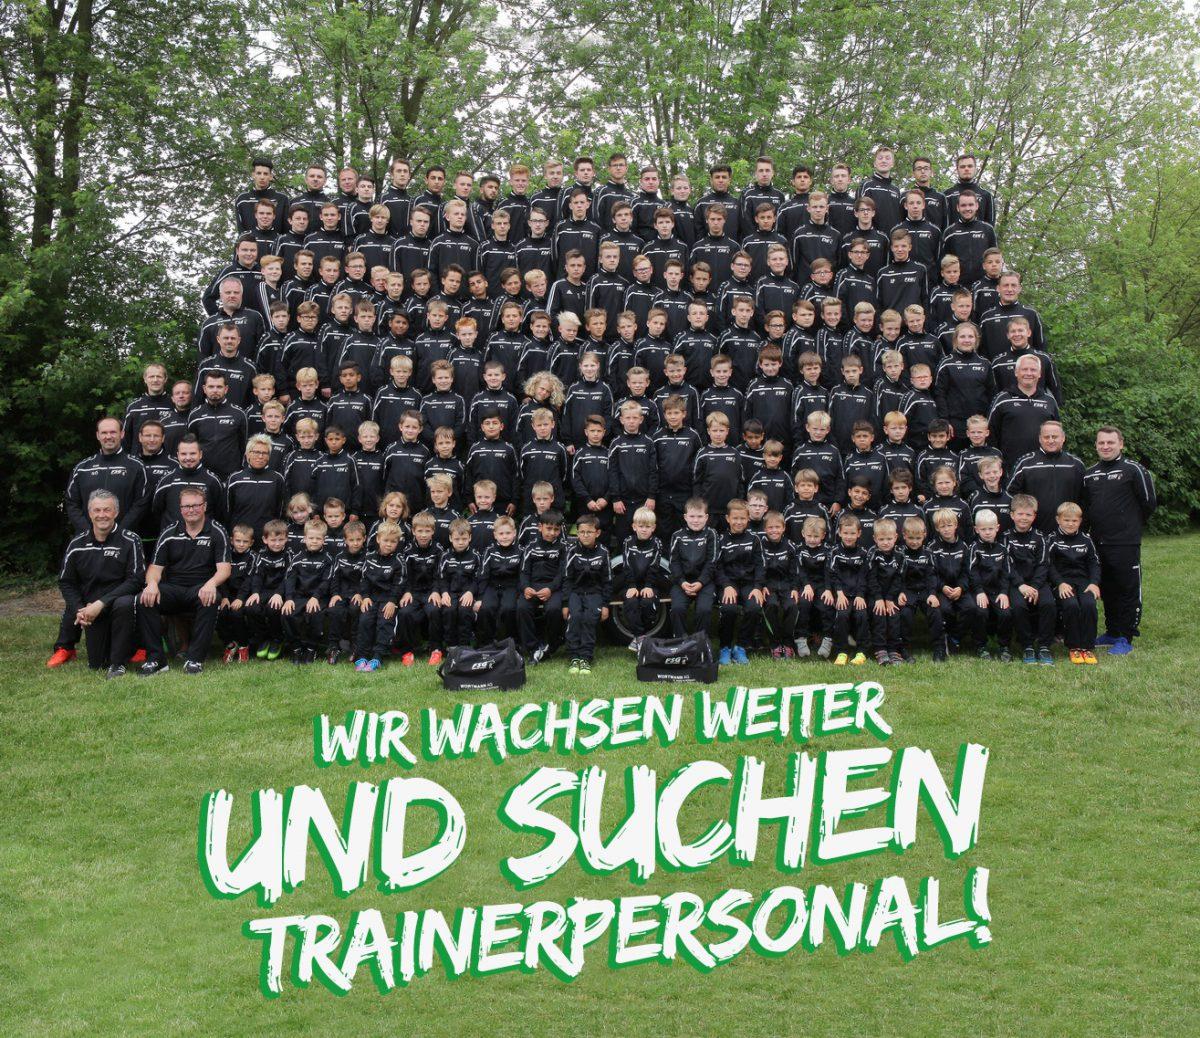 Du bist Trainer und hast Spaß an der Ausbildung von Kindern und Jugendlichen?